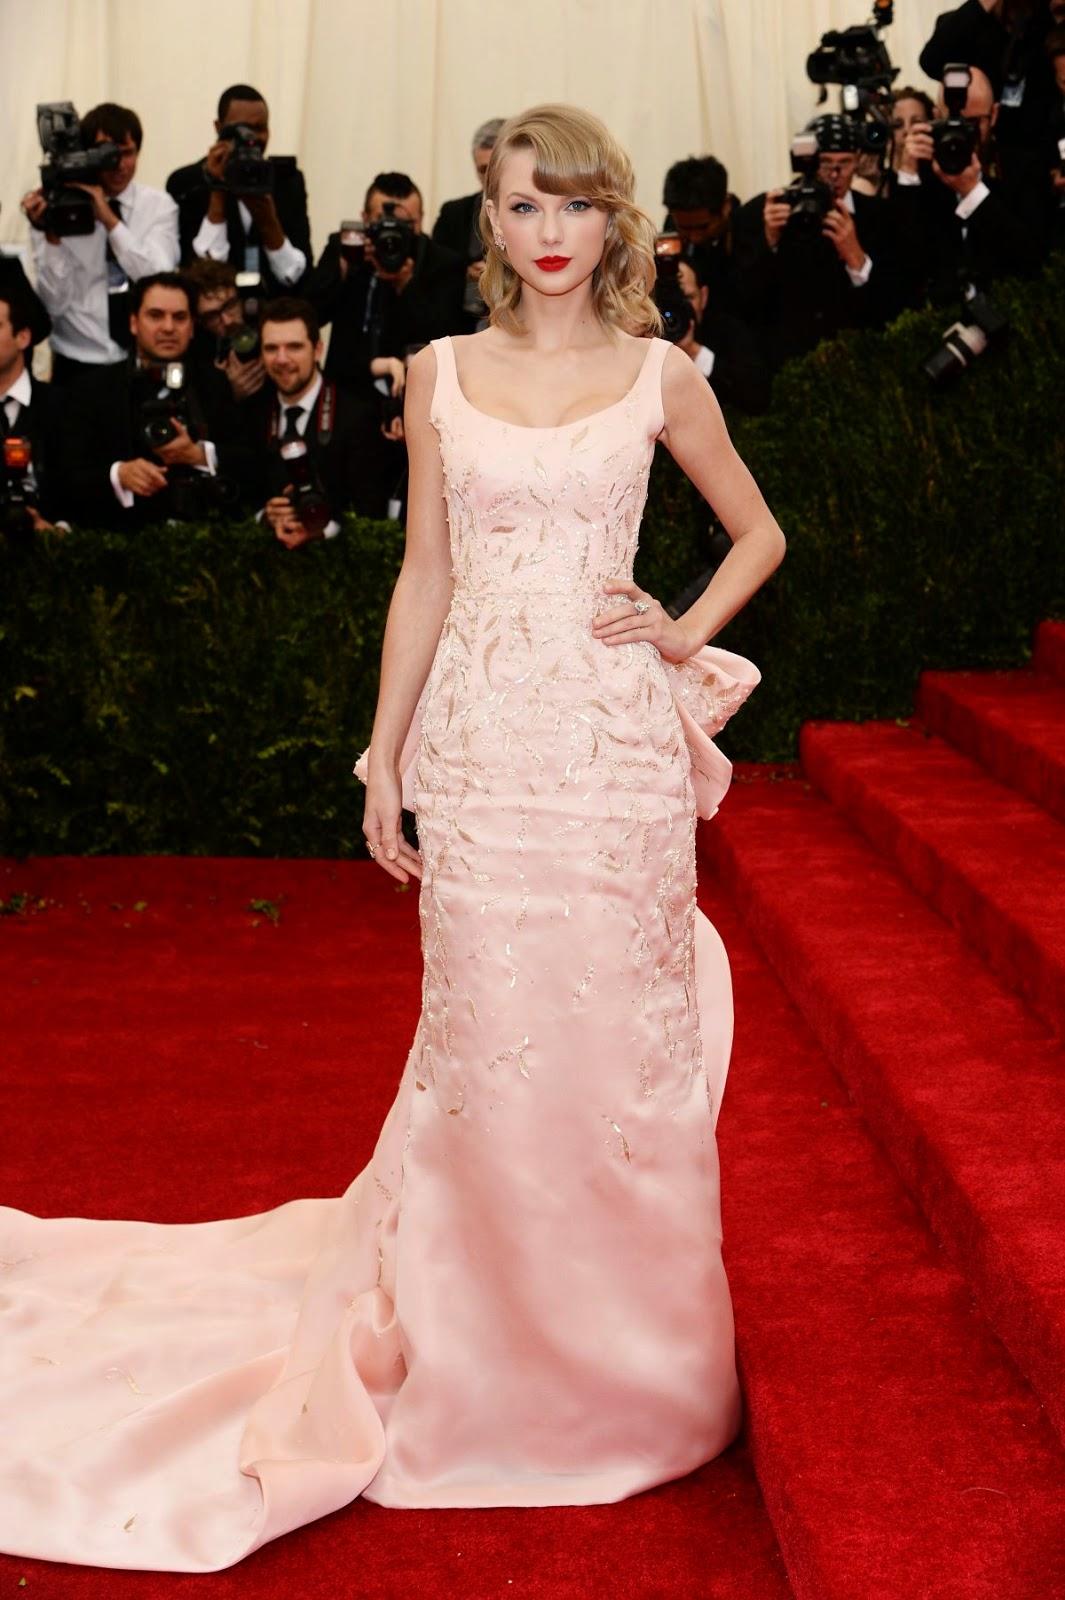 Taylor Swift wears pale pink Oscar de la Renta to the 2014 Met Gala